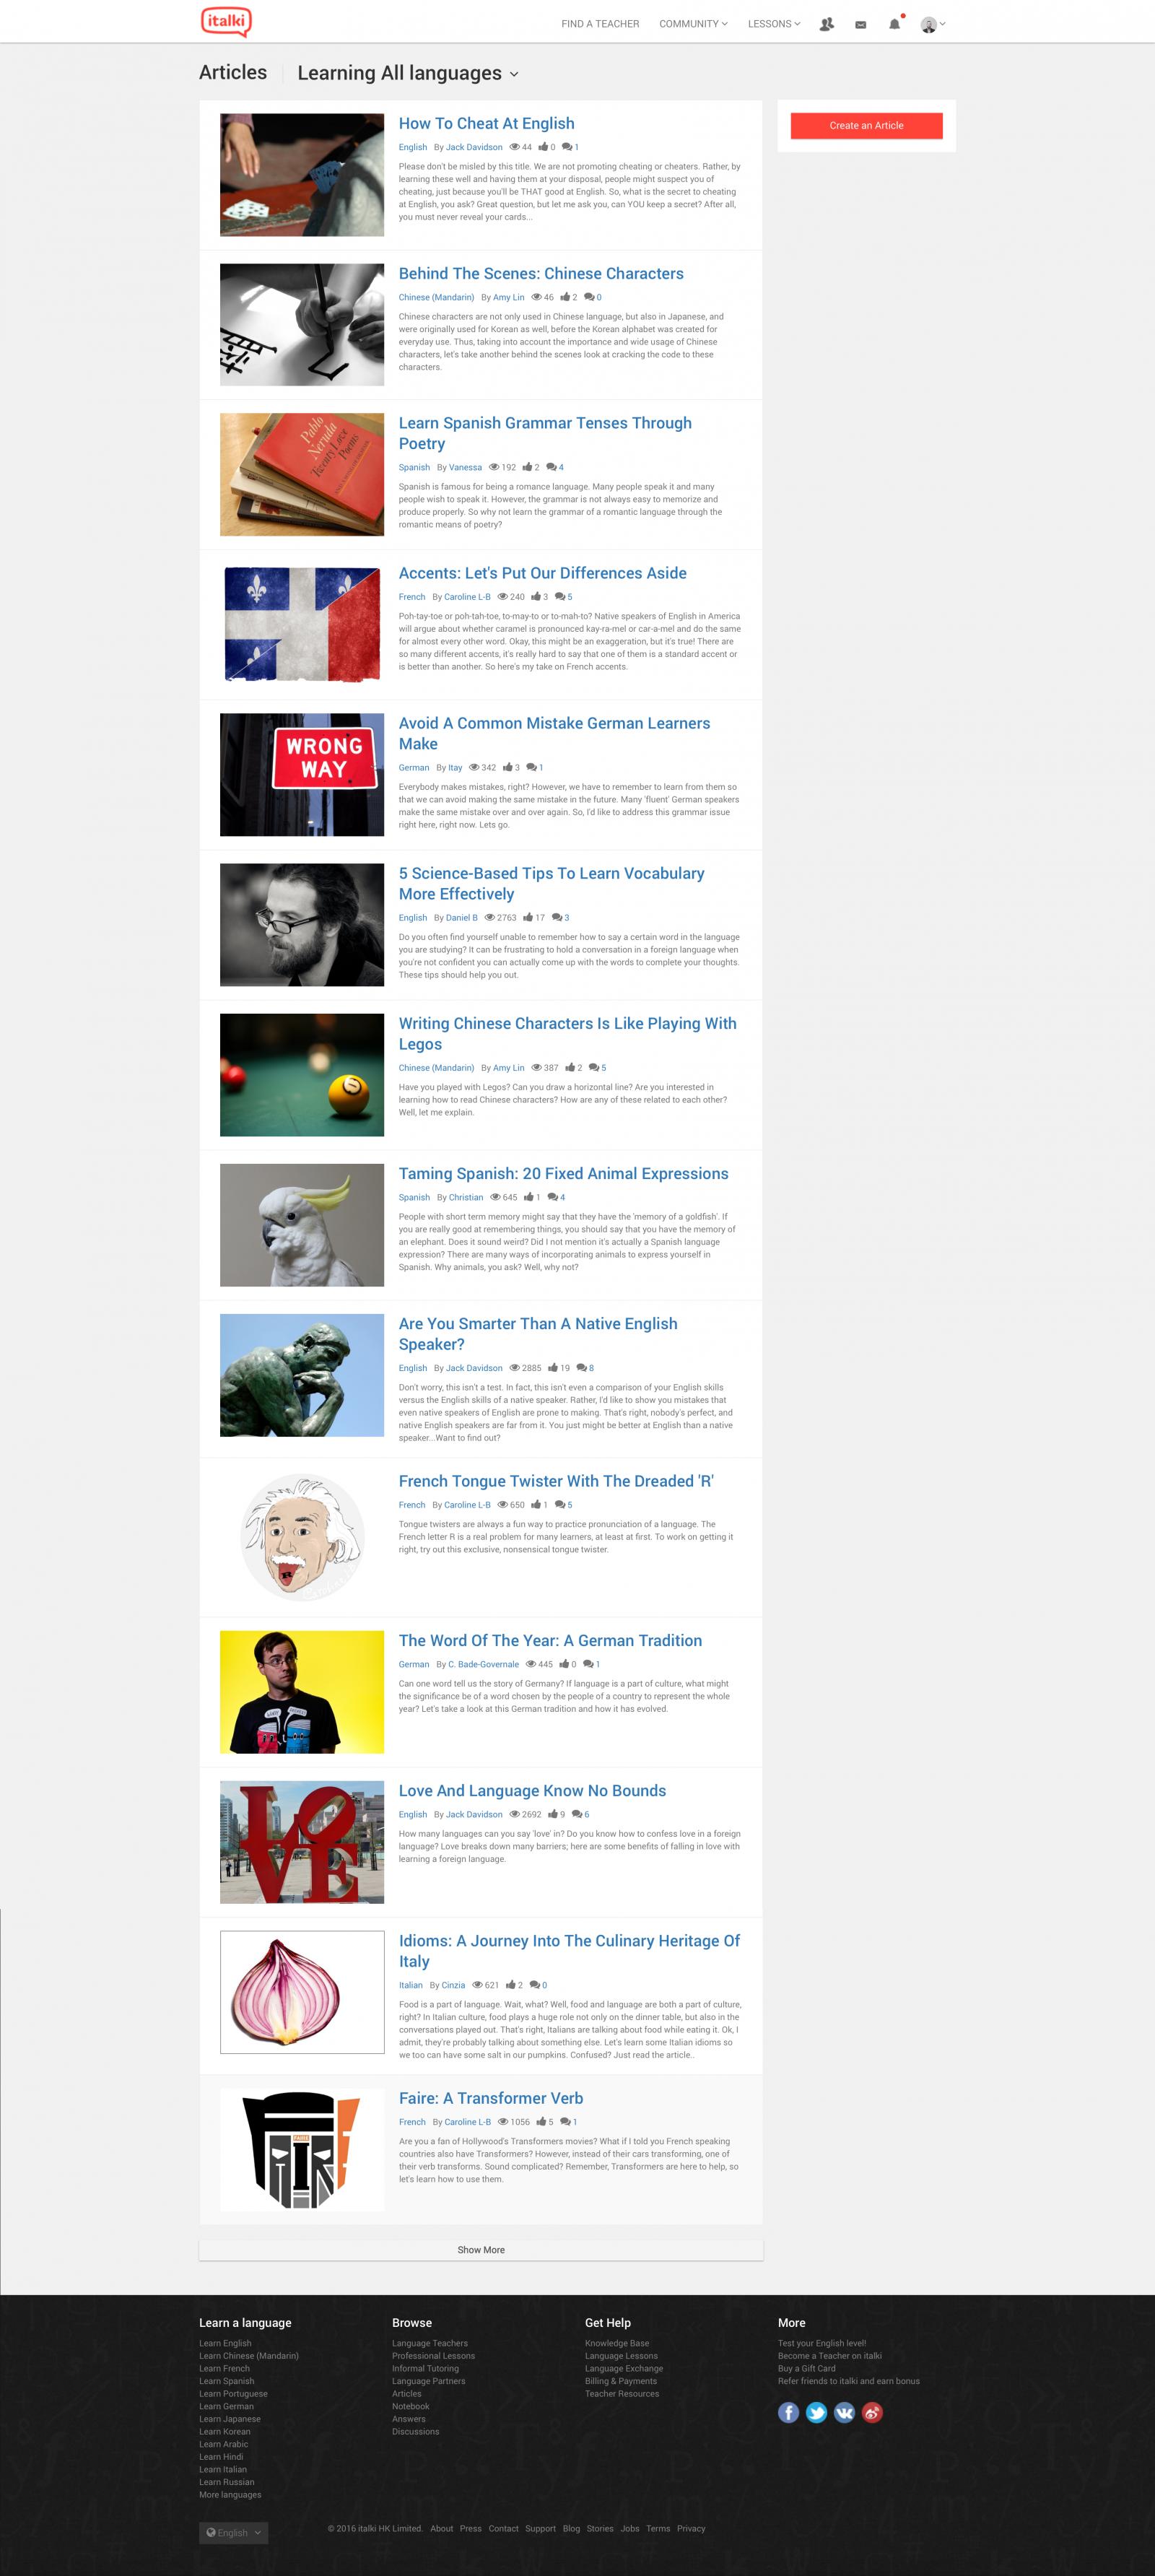 Italki Articles